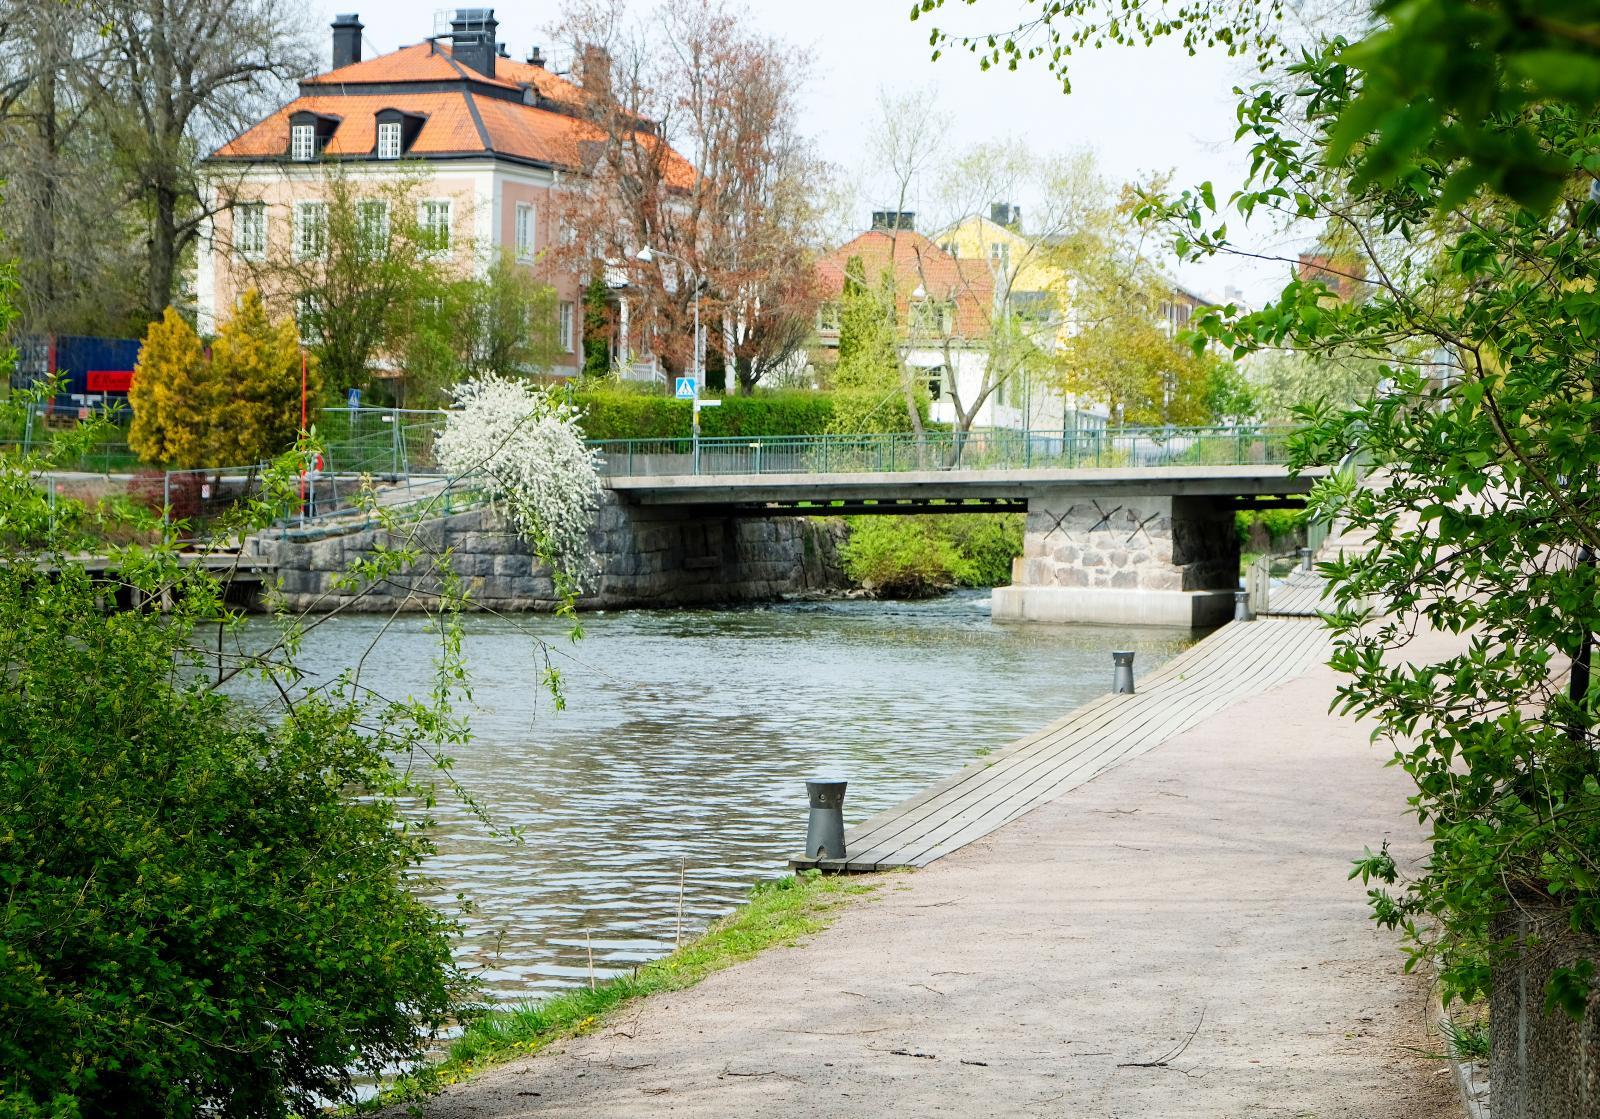 Promenadstråk in till centrum tas med fördel längs med Nyköpingsån. Grönt och frodigt beroende på årstid.